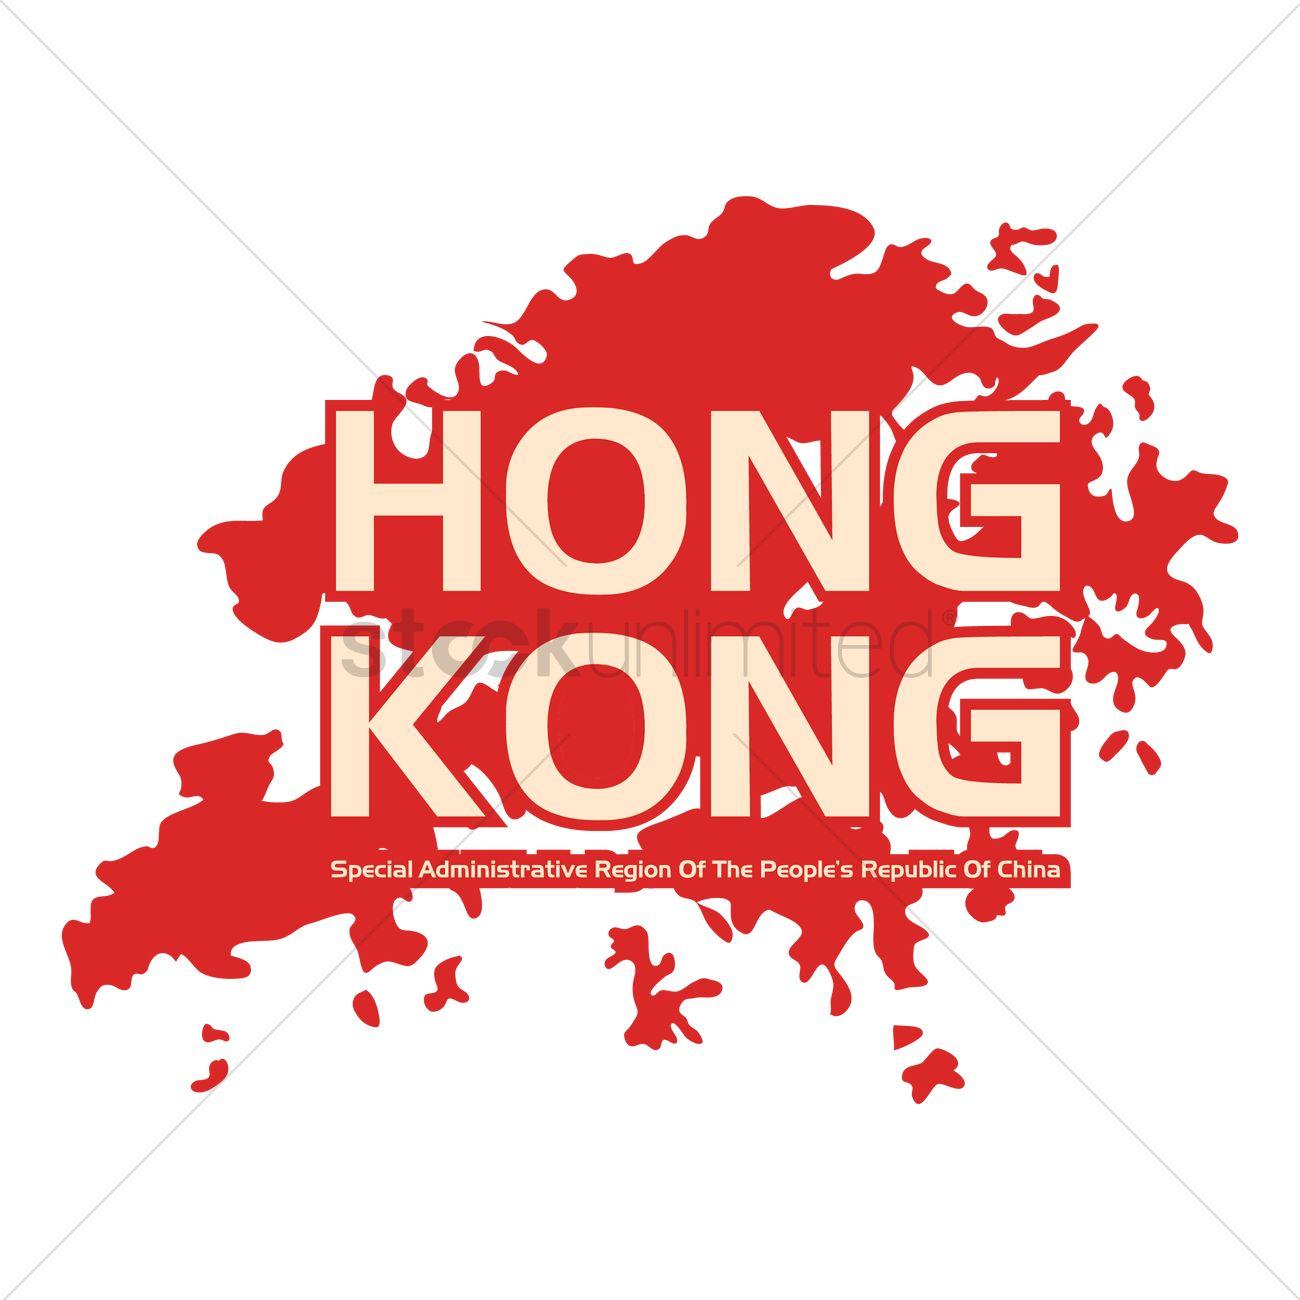 Hong kong map icon Vector Image - 1594905 | StockUnlimited